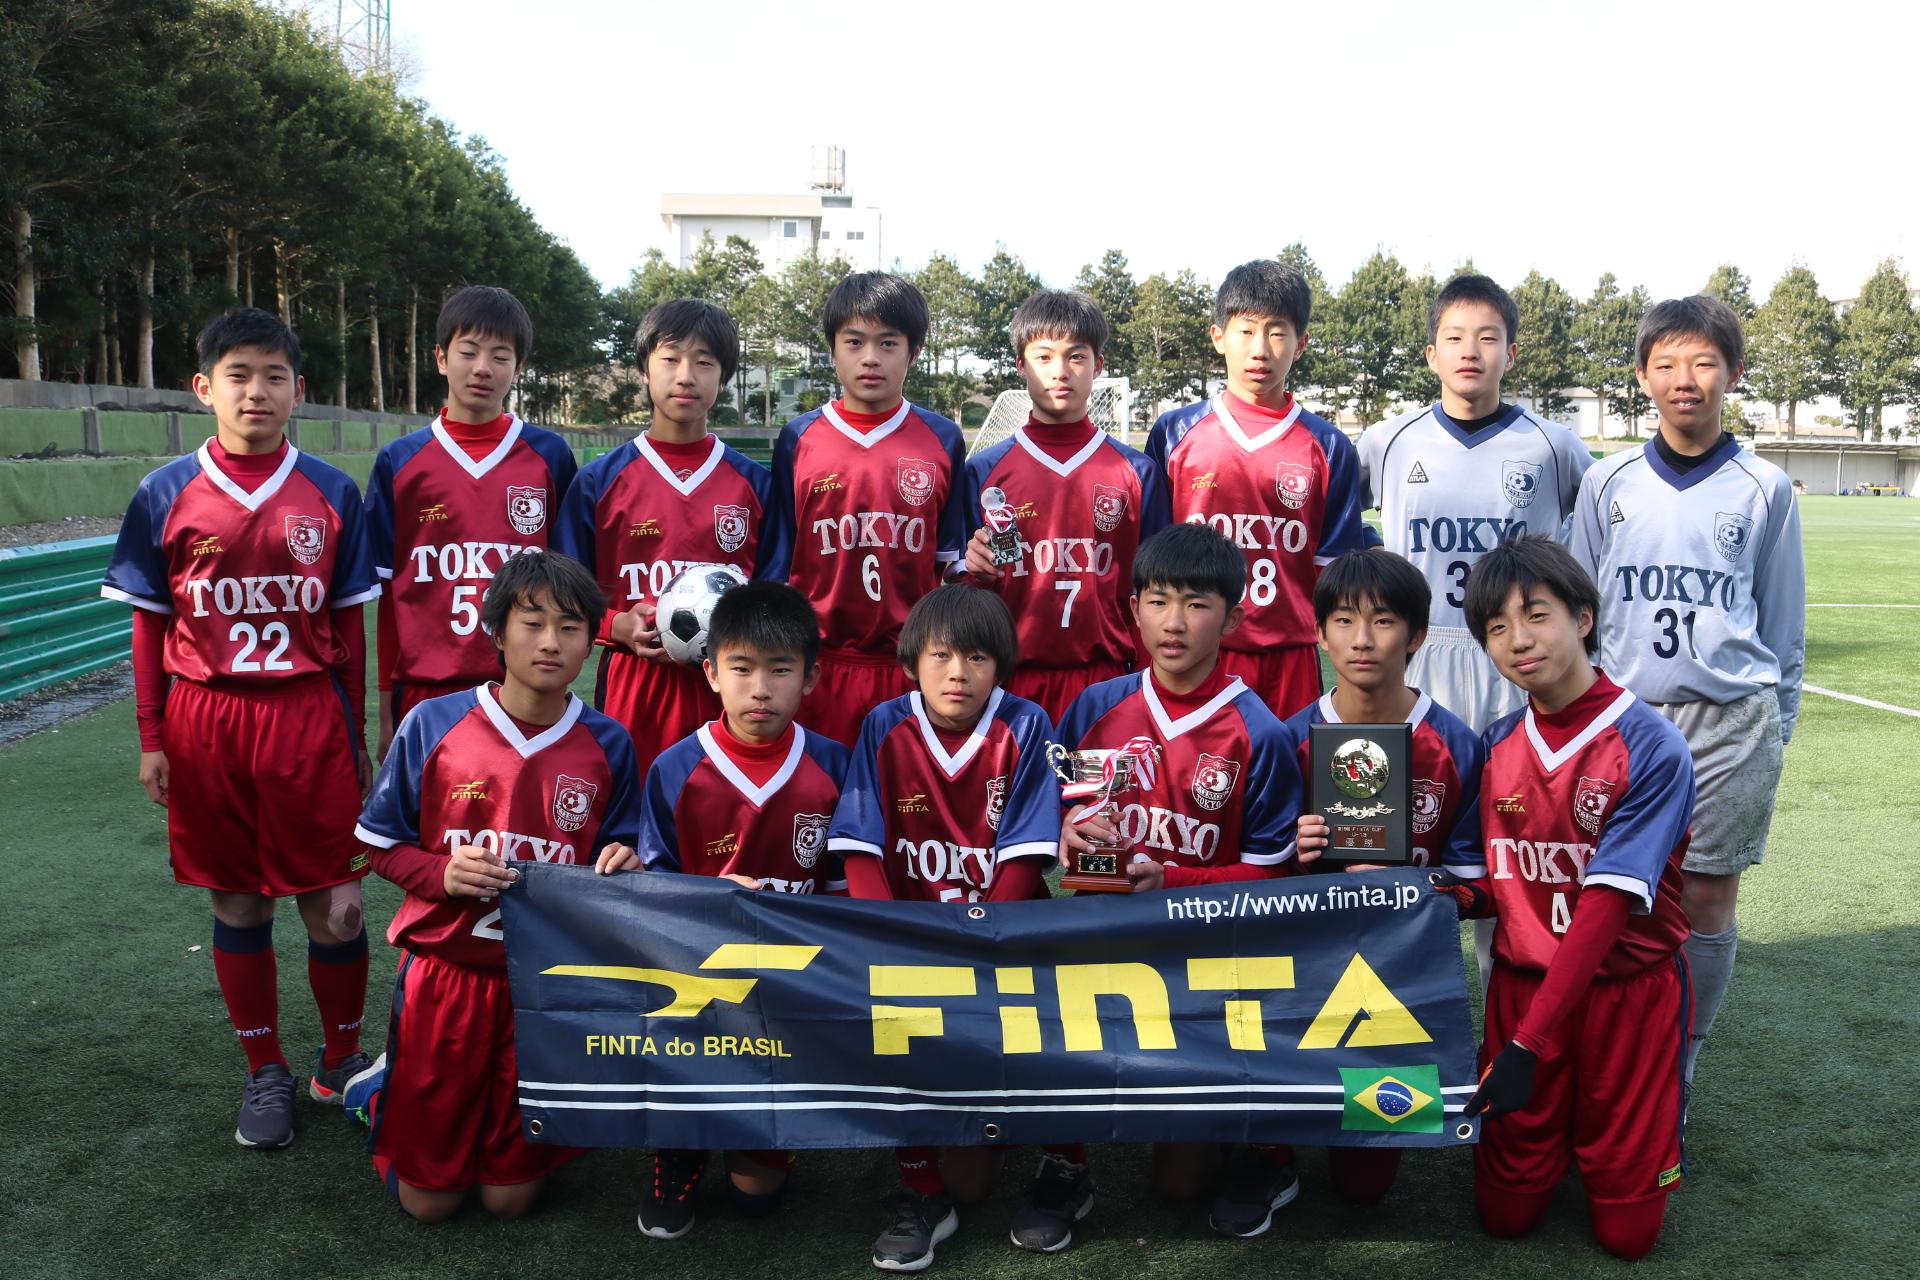 第19回FinTA CUP~選抜サッカー大会~ U-13